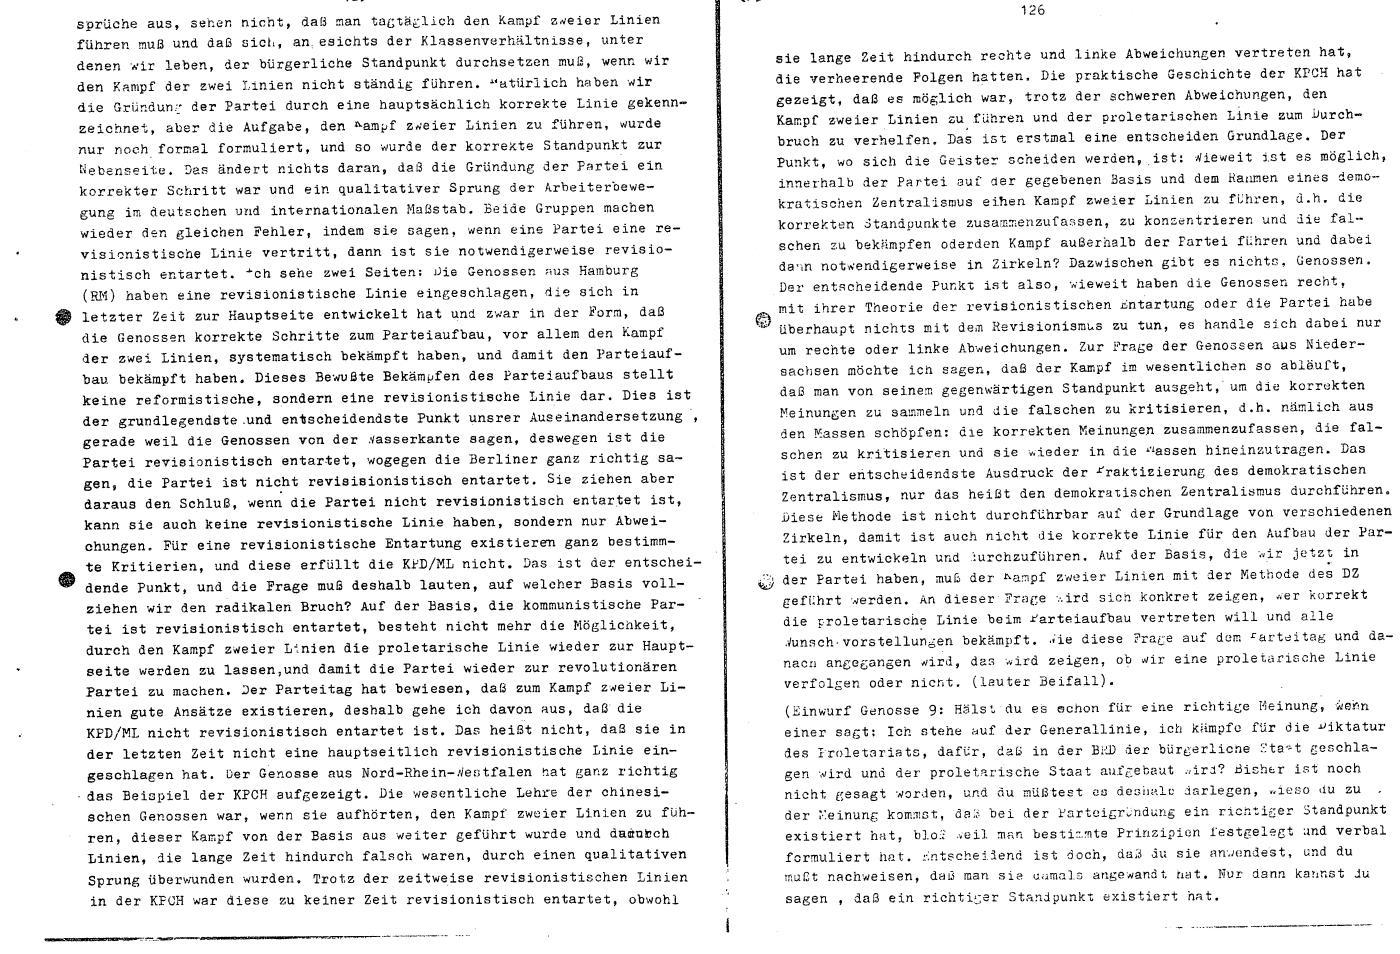 KPDML_1971_Wortprotokolle_aoPt_125